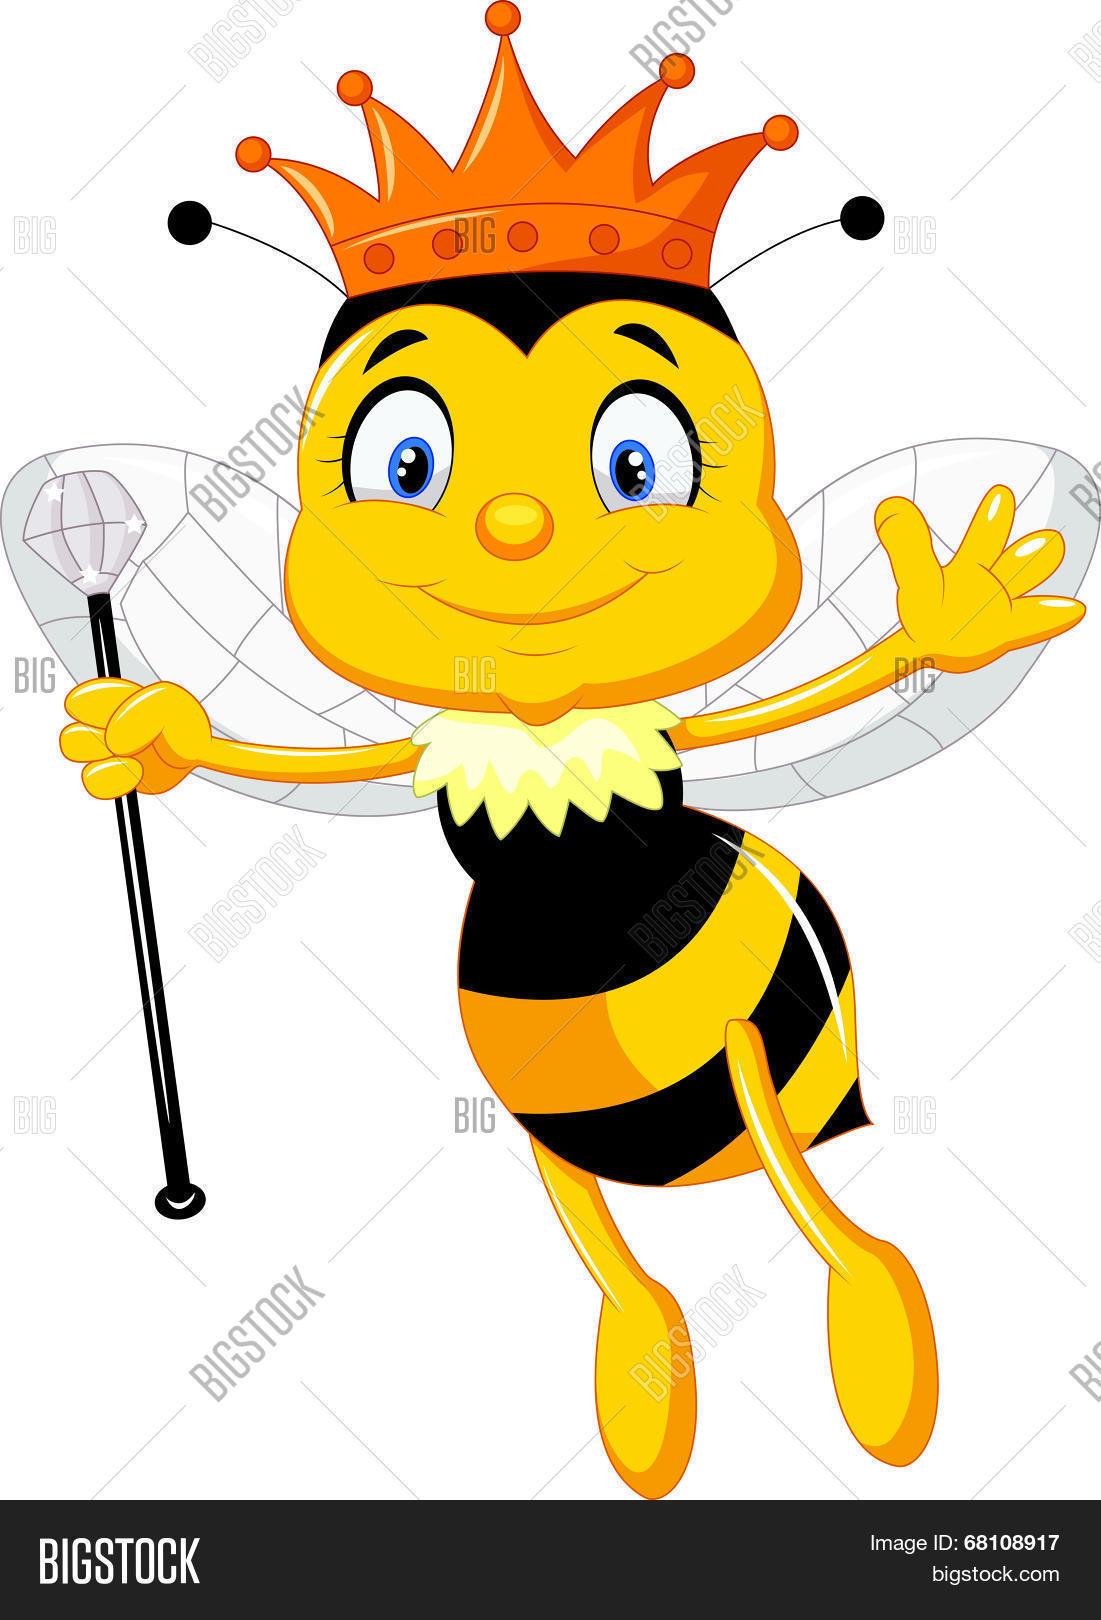 queen bee cartoon vector u0026 photo bigstock